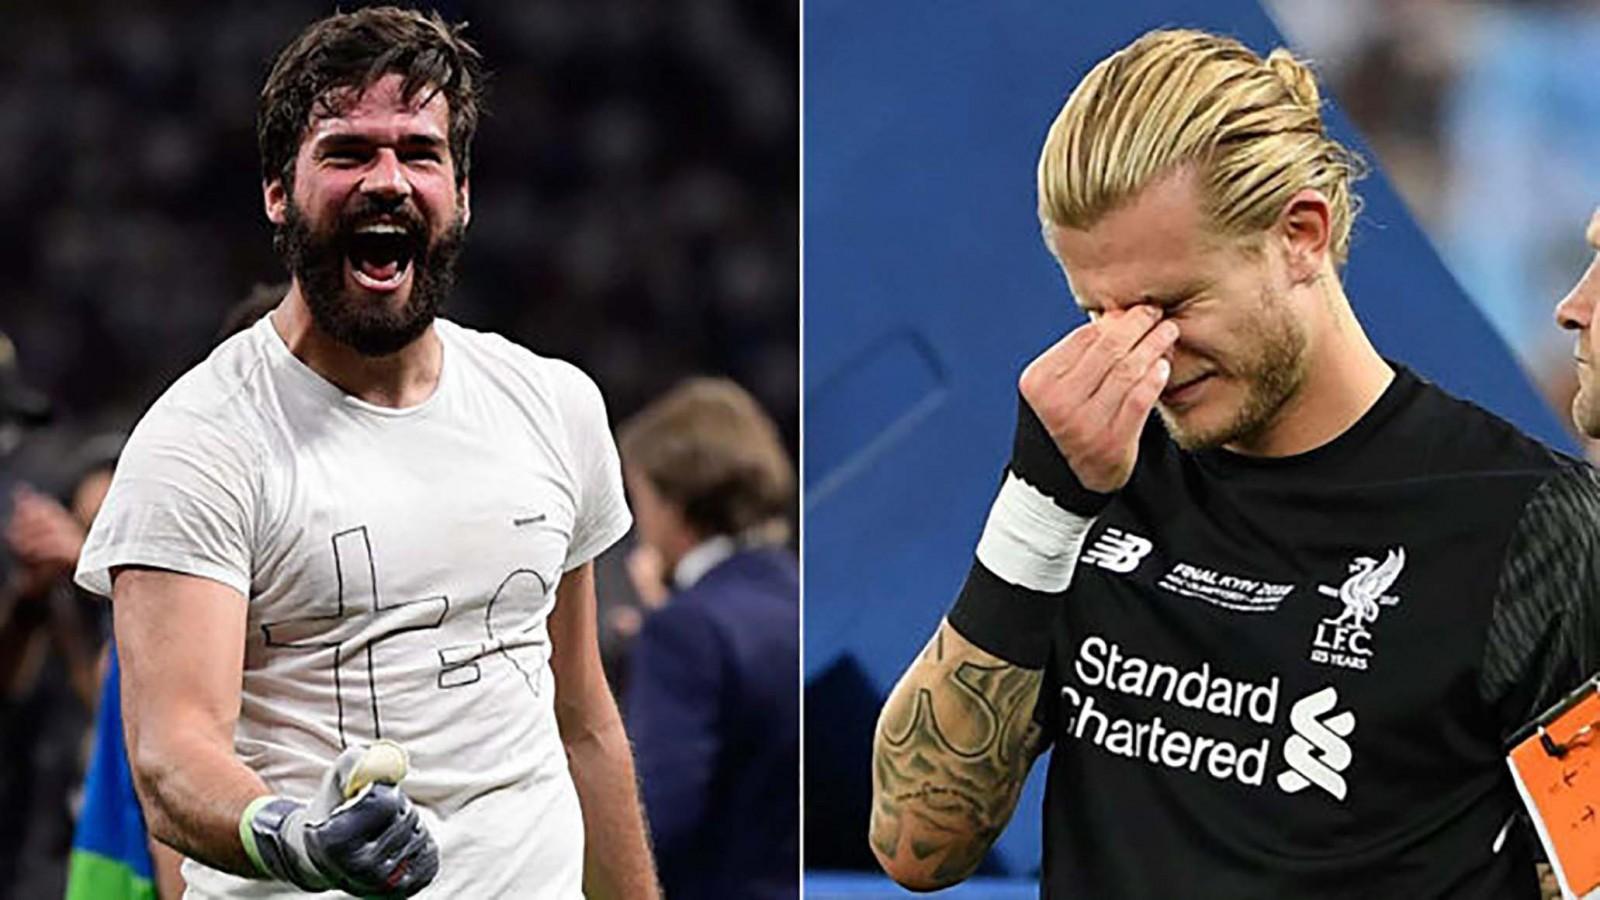 Hình ảnh đối lập của Alisson (trái) và Karius sau hai trận chung kết Champions League của Liverpool. Ảnh: Marca